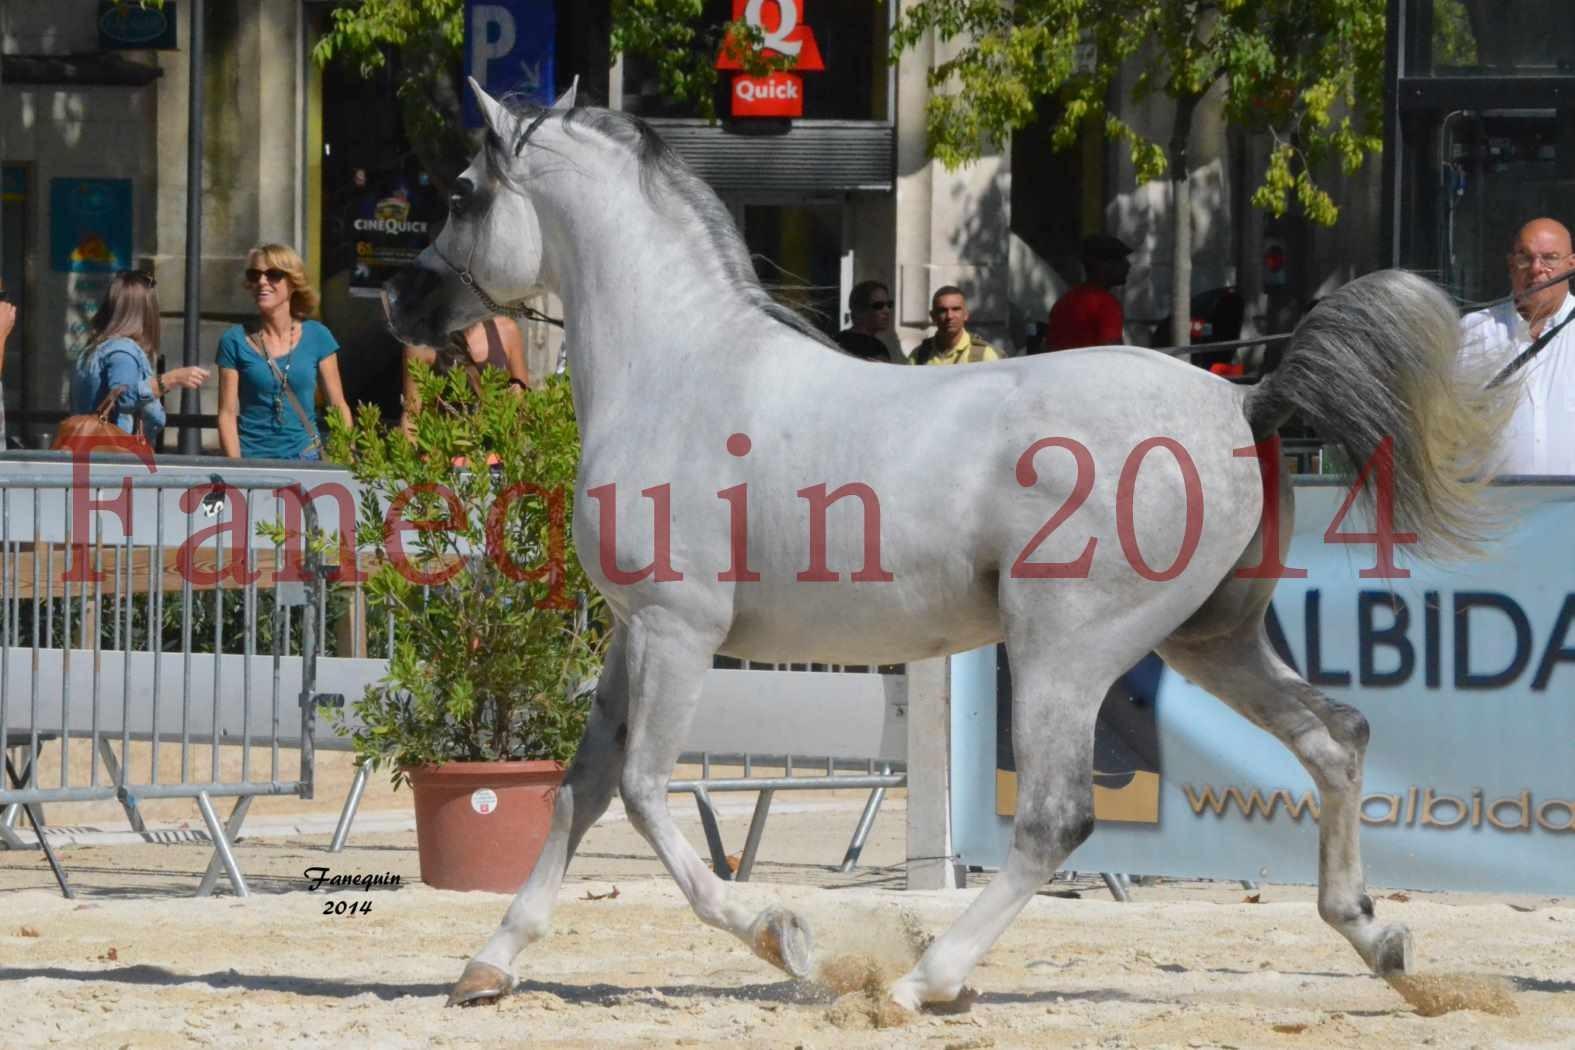 Concours National de Nîmes de chevaux ARABES 2014 - Notre Sélection - SHAOLIN DE NEDJAIA - 19